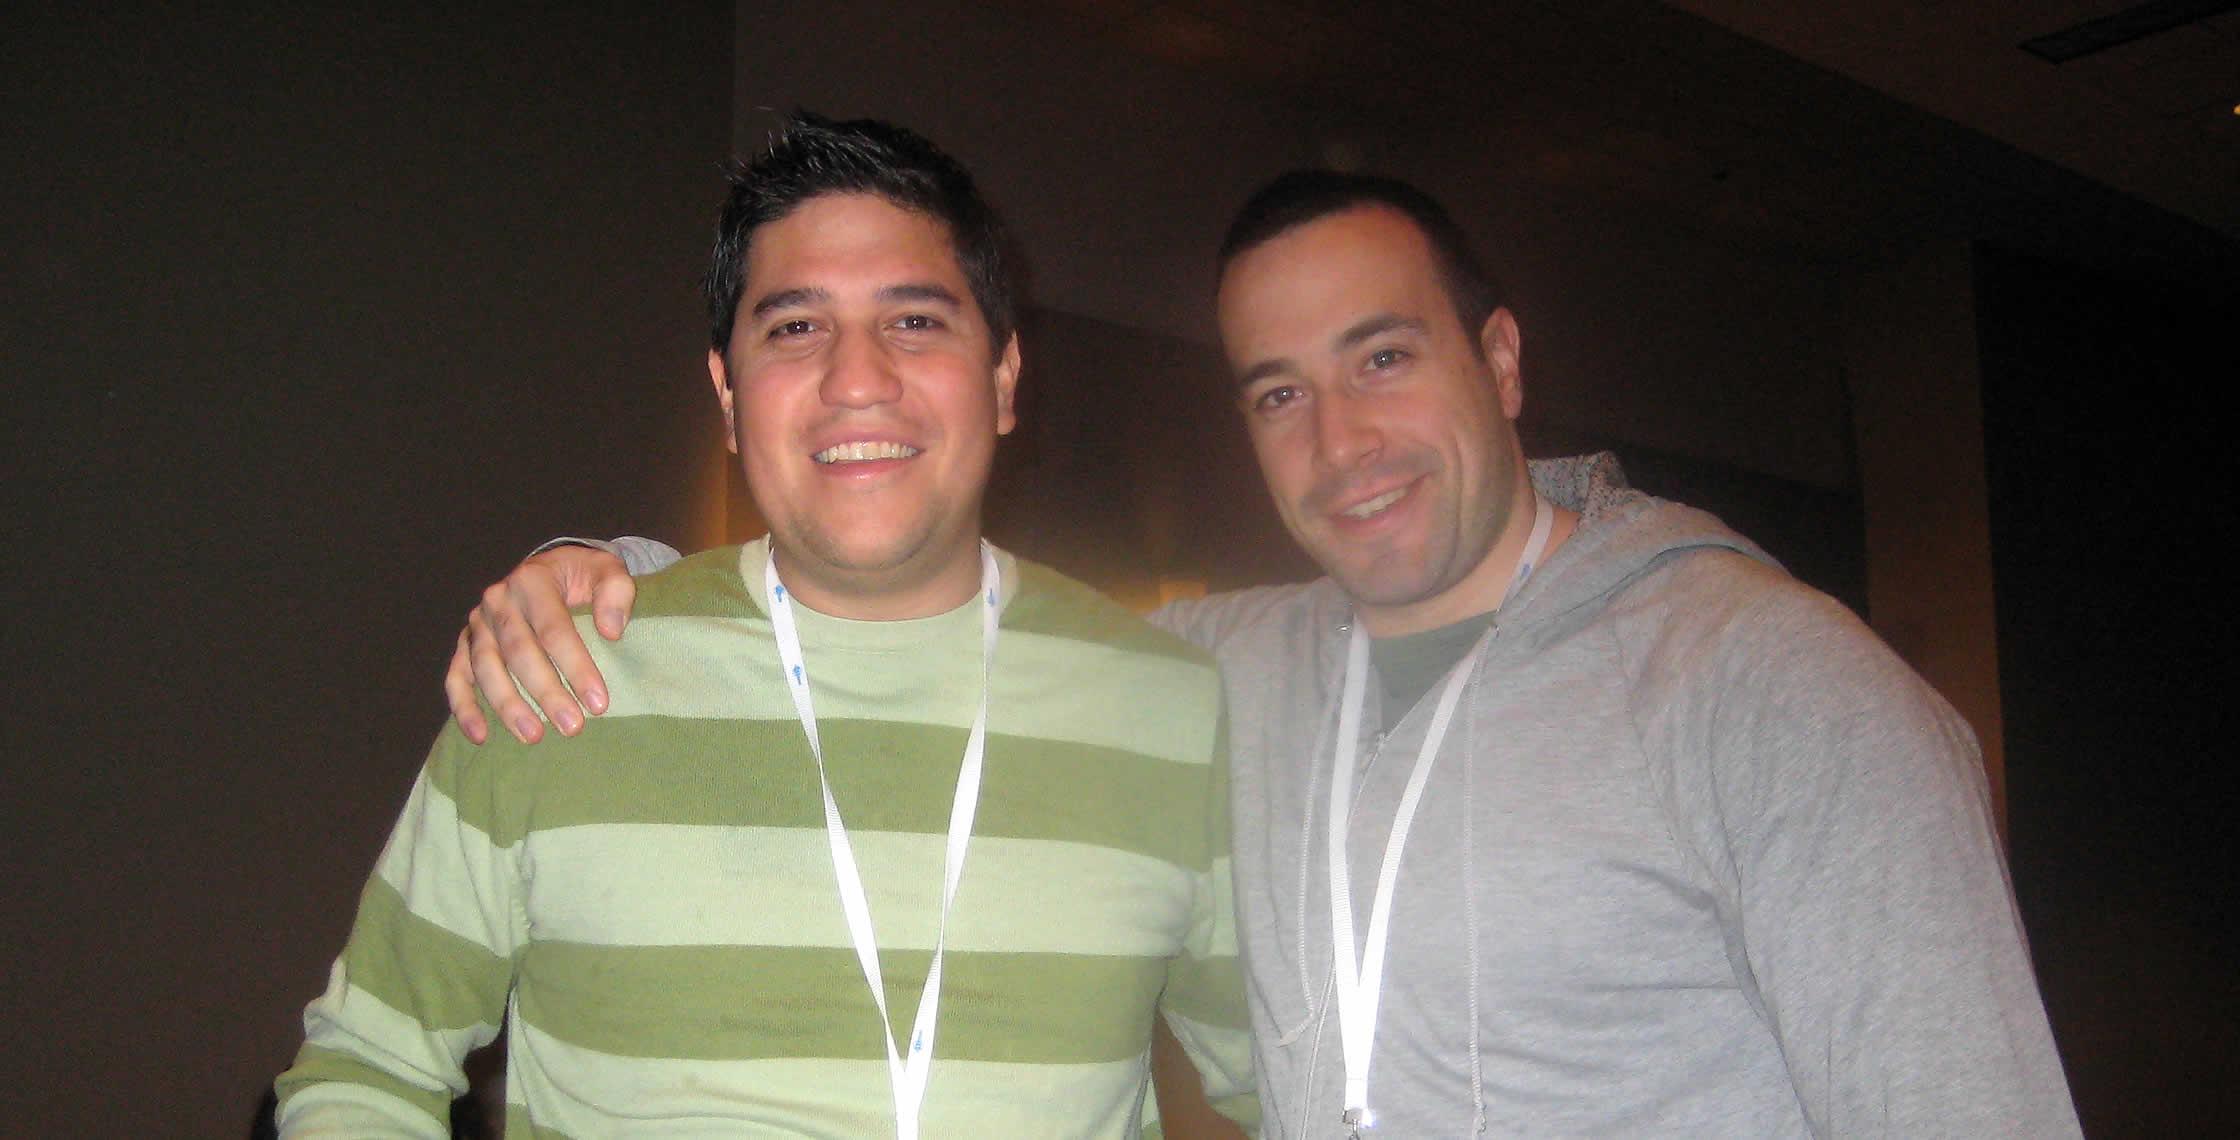 Ben Nadel at CFUNITED 2008 (Washington, D.C.) with: Luis Majano